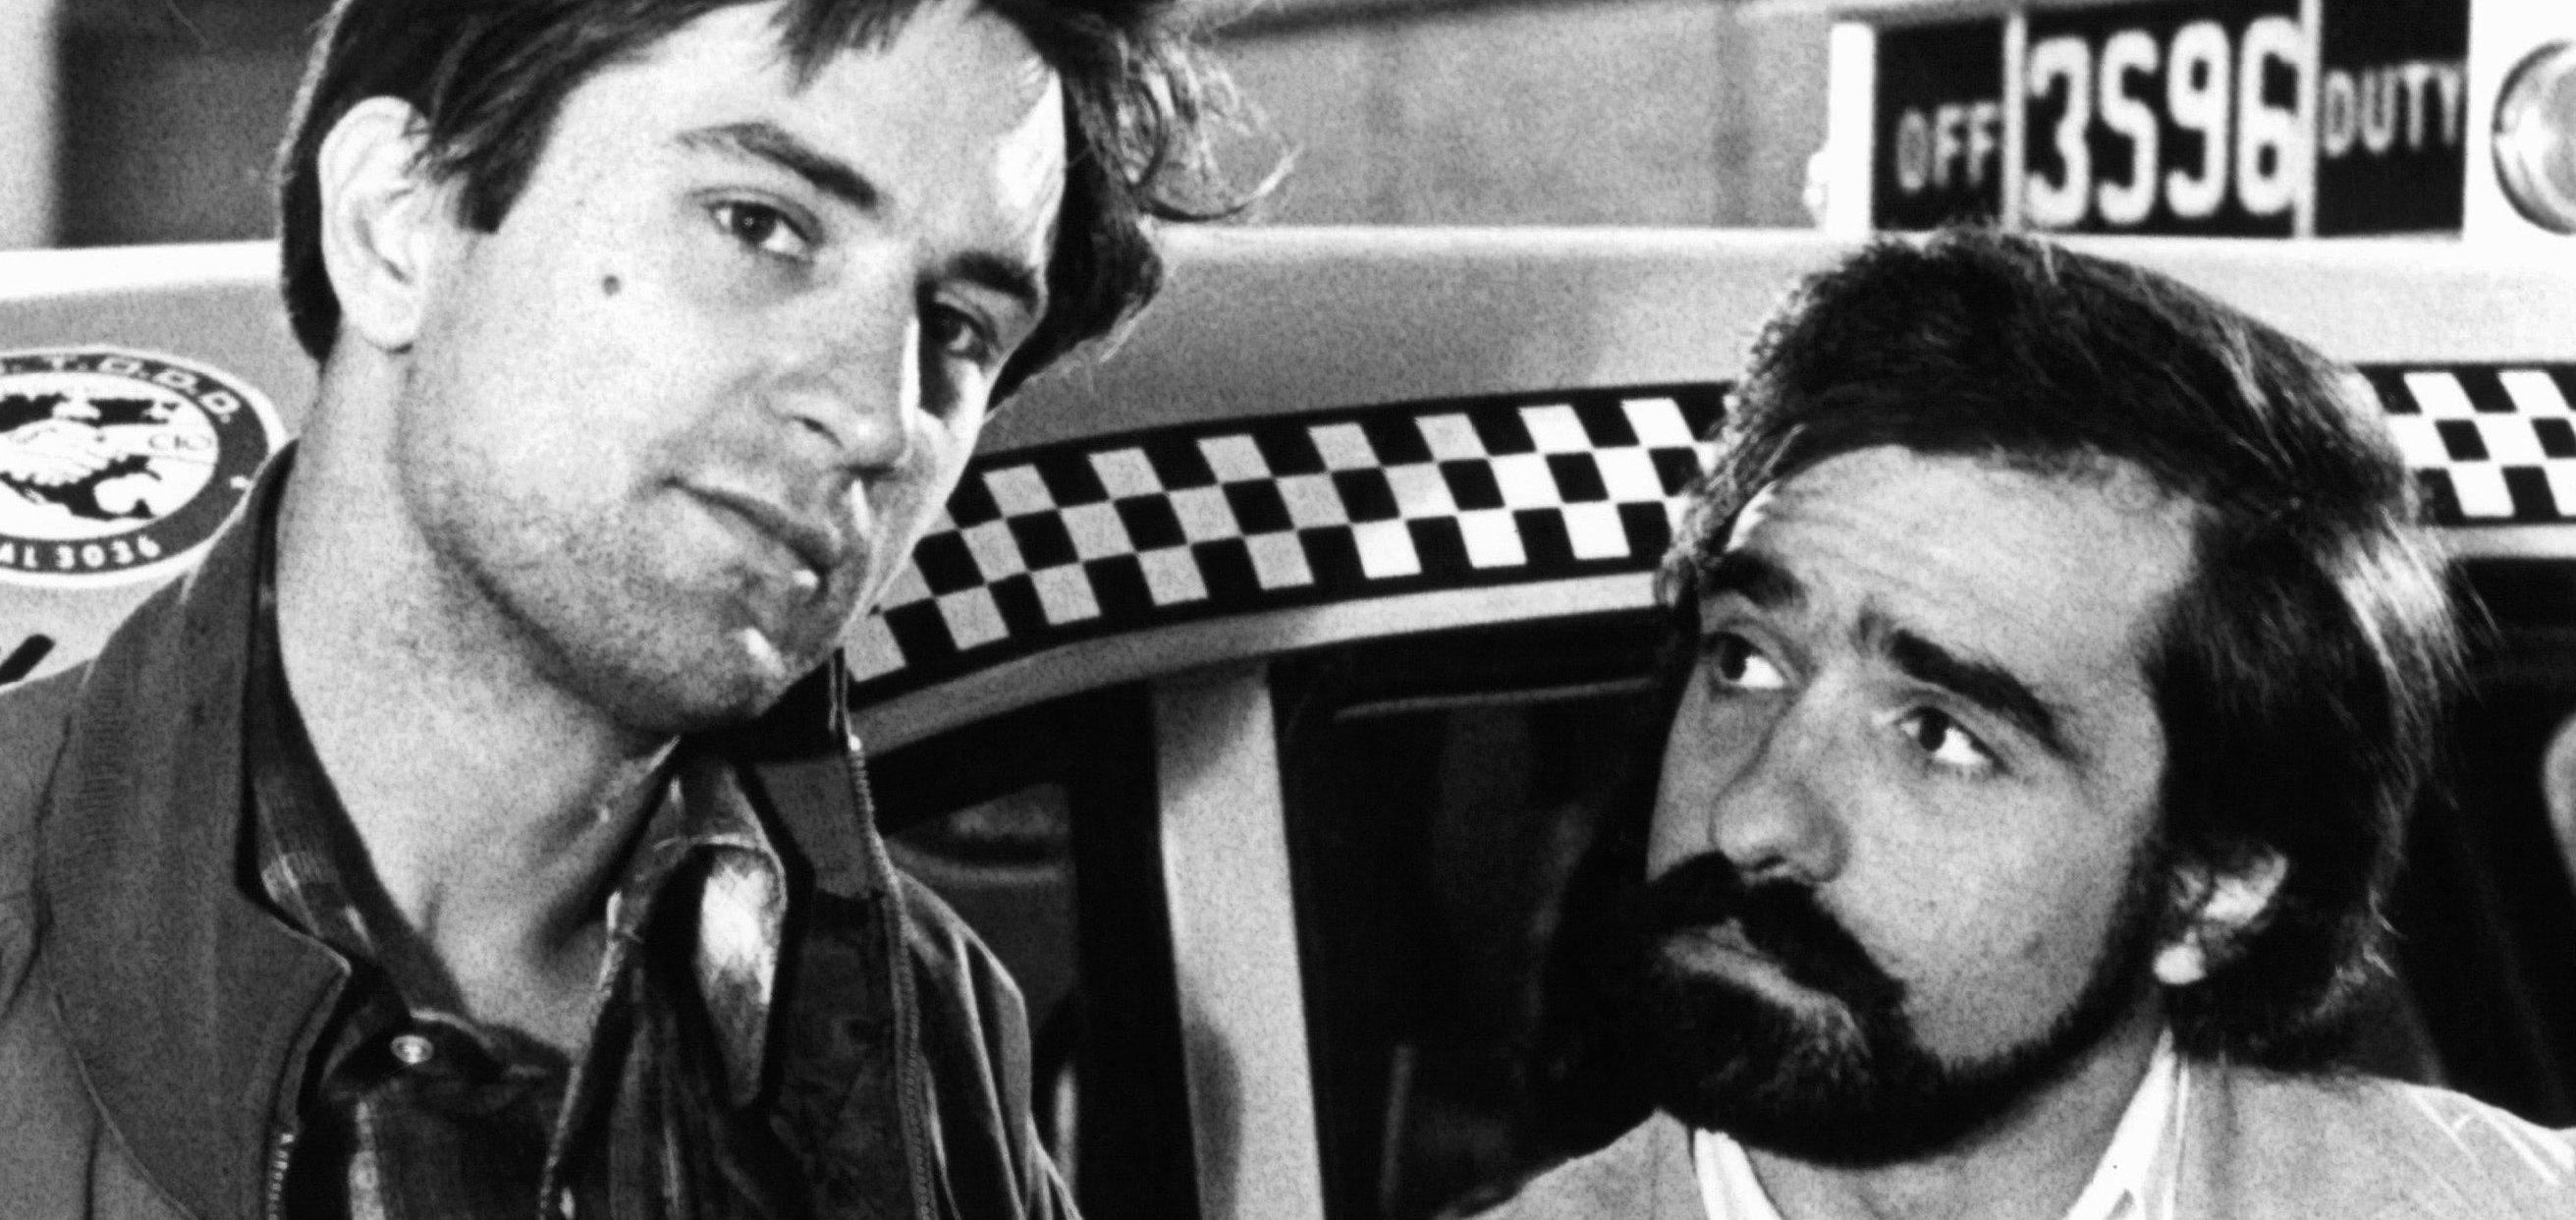 Robert Deniro and Martin Scorsese on set